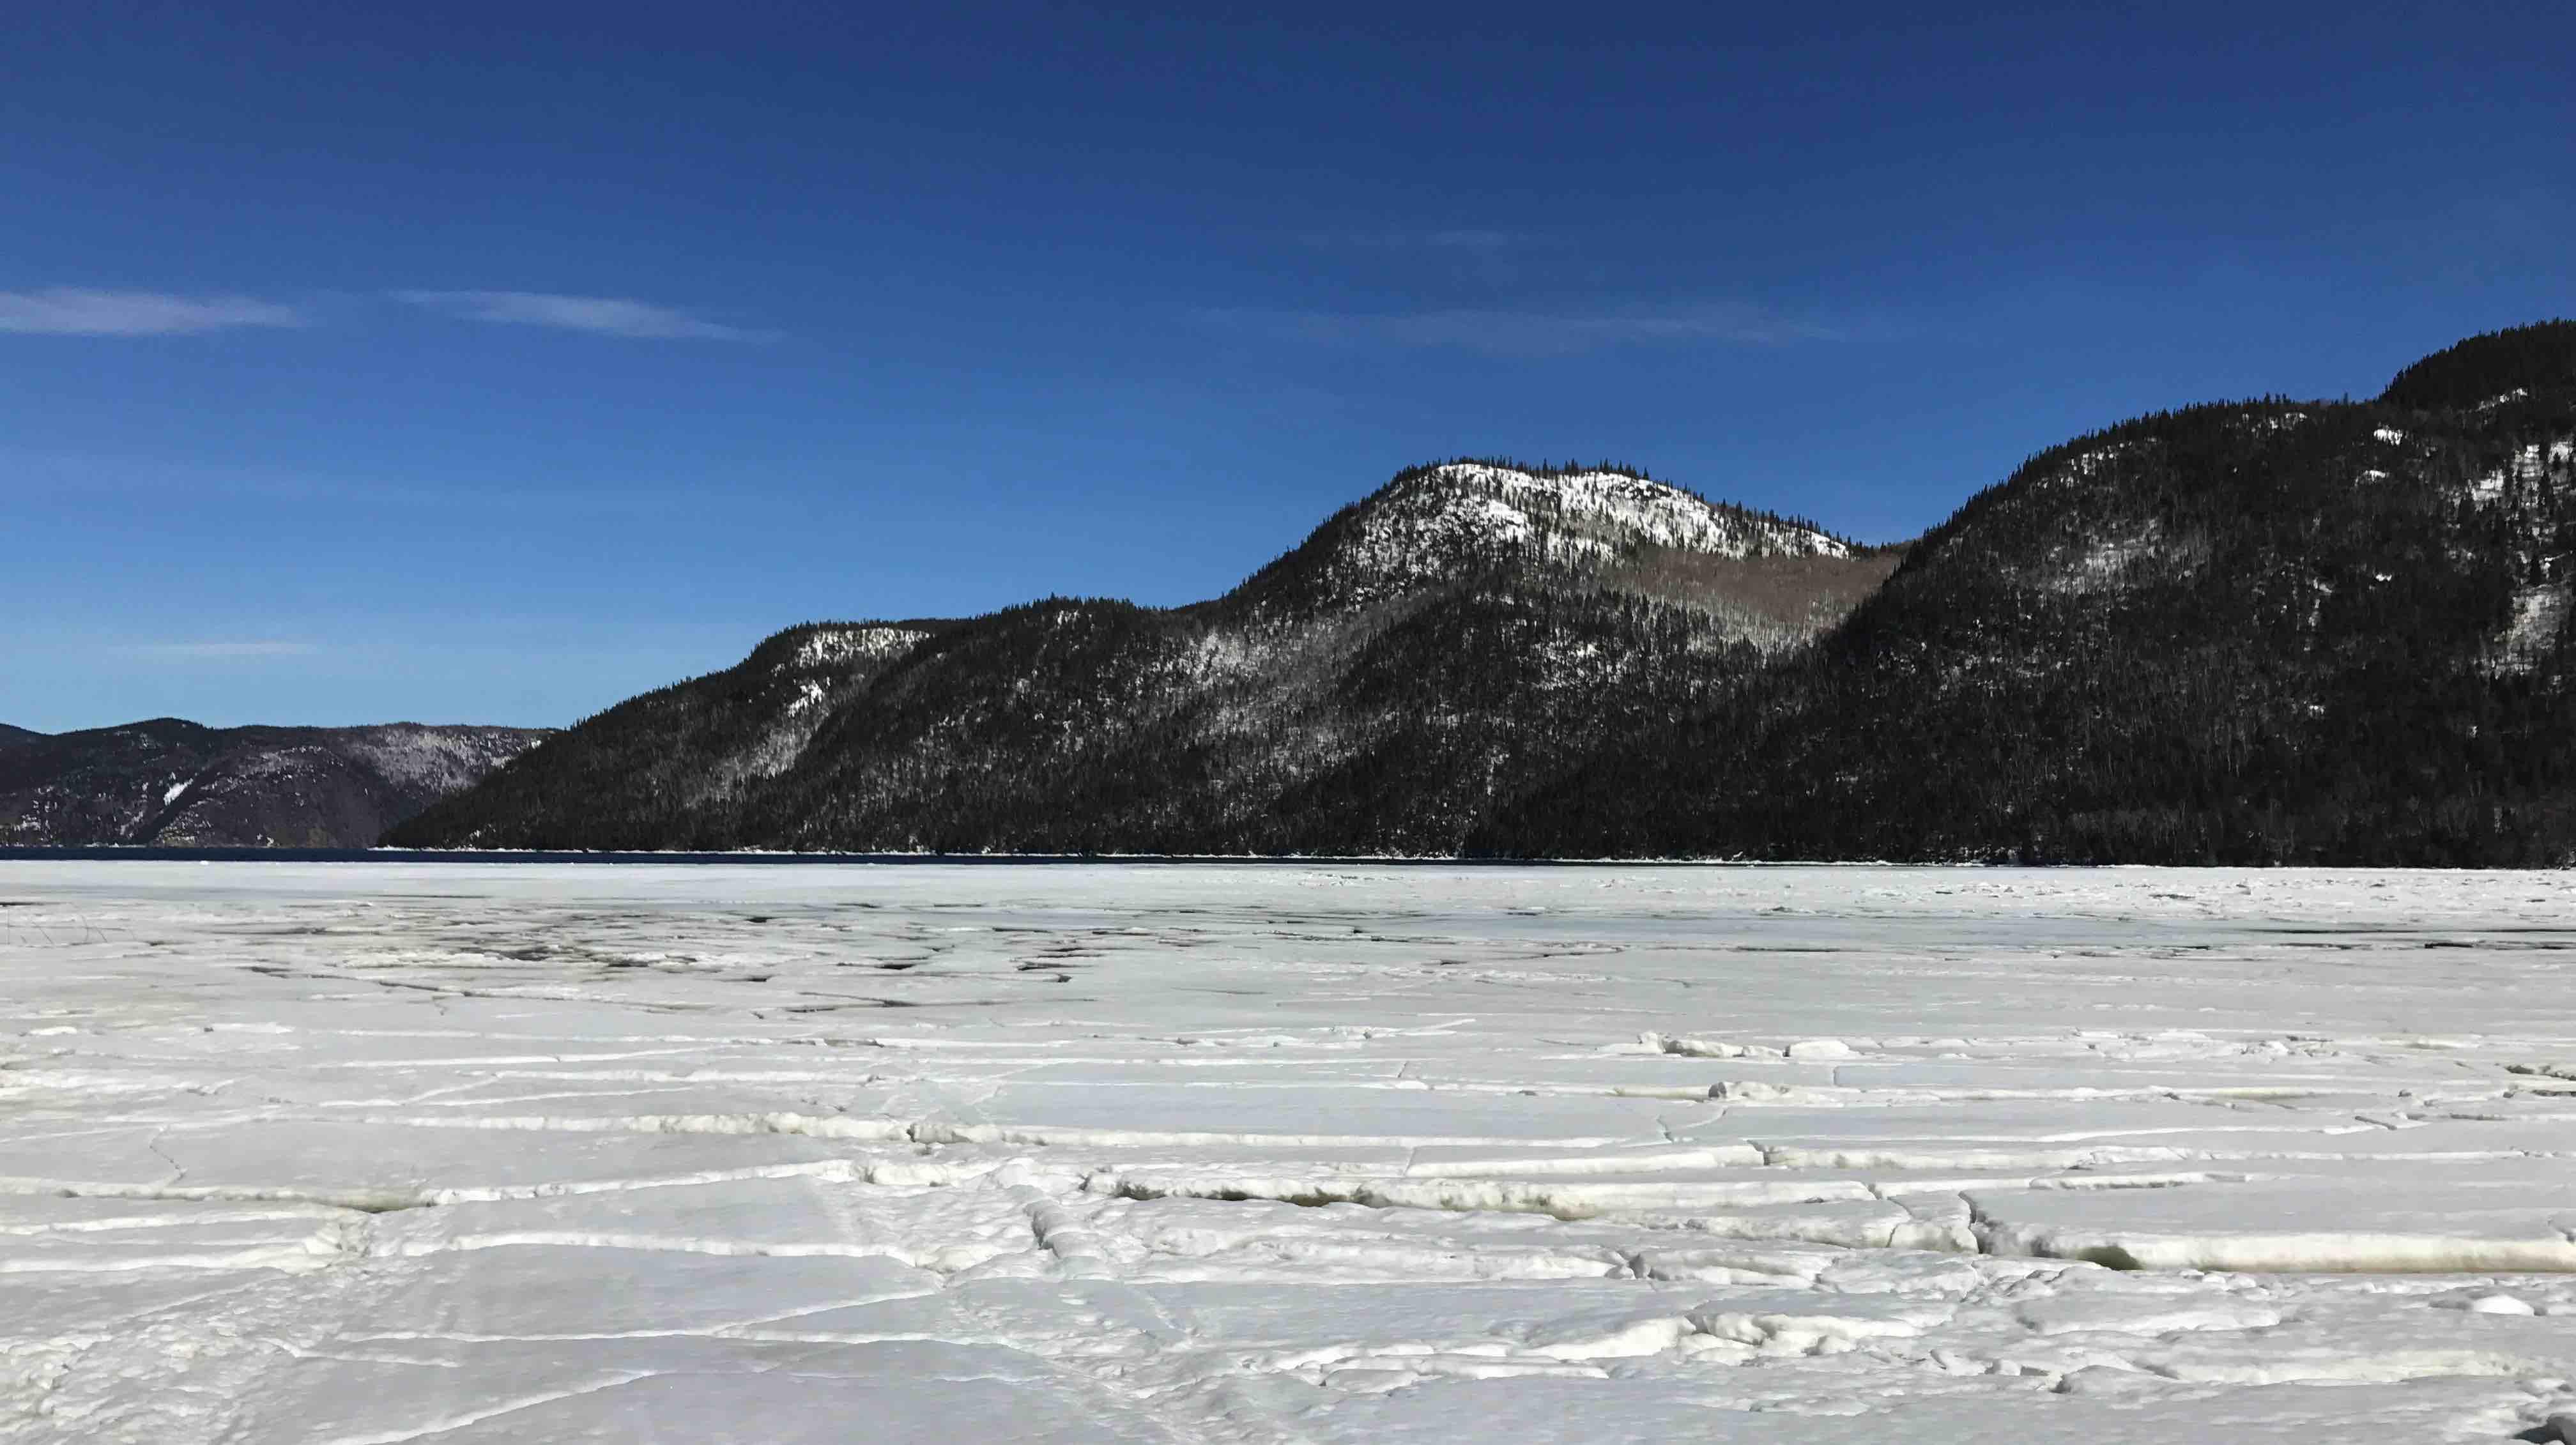 Vue magnifique de la Province de Québec pour le déplacement de l'équipe LunaWeb